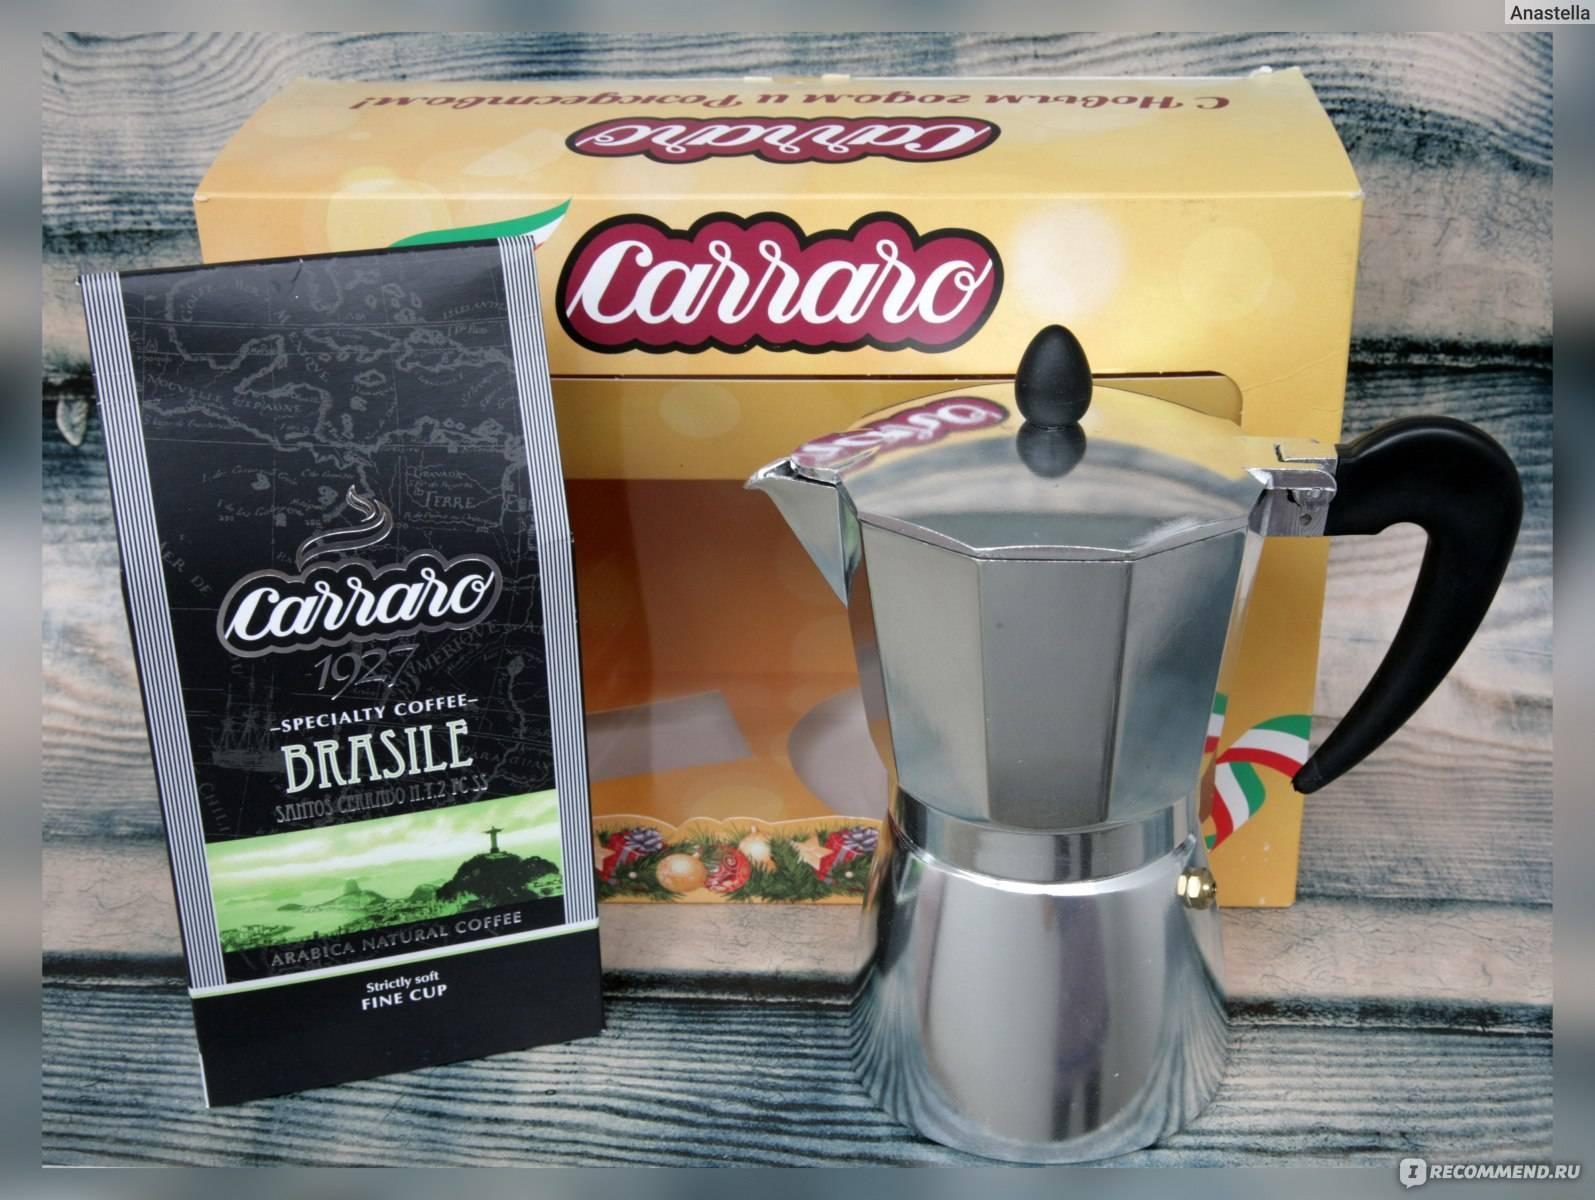 Какая кофеварка лучше - гейзерная или капельная? - кофейная комната